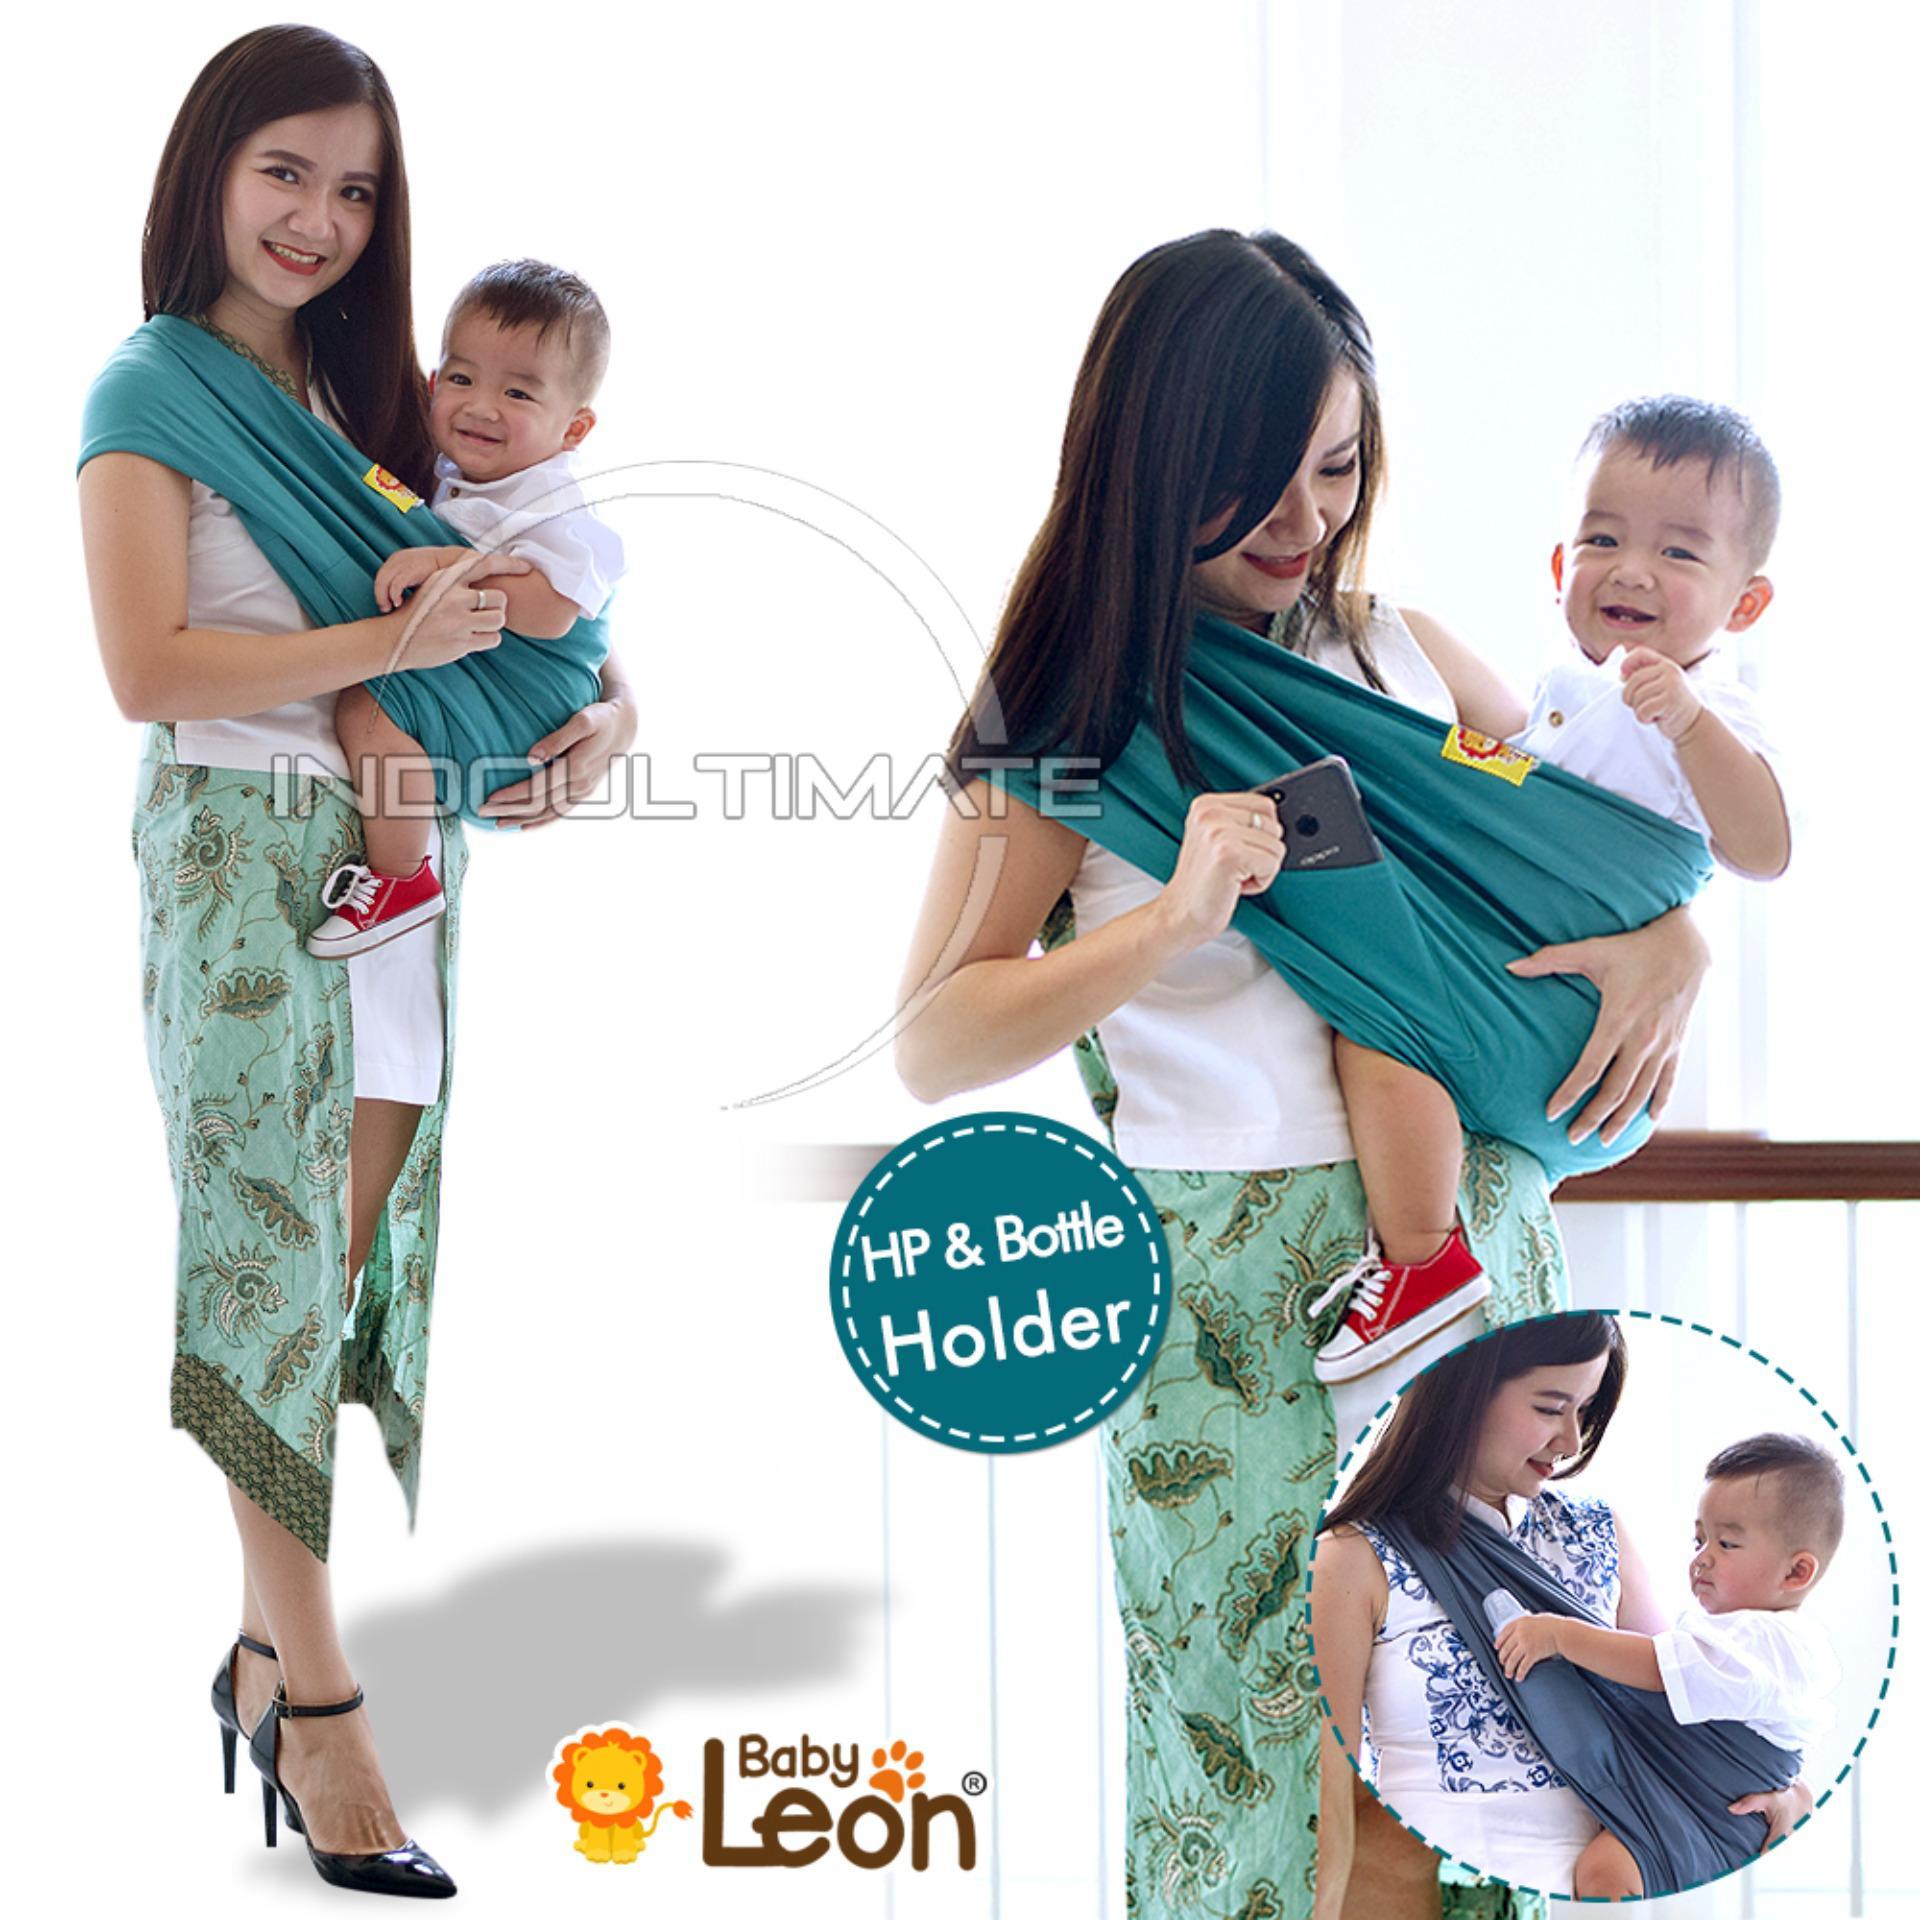 BABY LEON GENDONGAN Bayi Kaos/Geos/selendang Bayi Praktis BY 44 GB Polos Ukuran L - Dark Grey | Lazada Indonesia